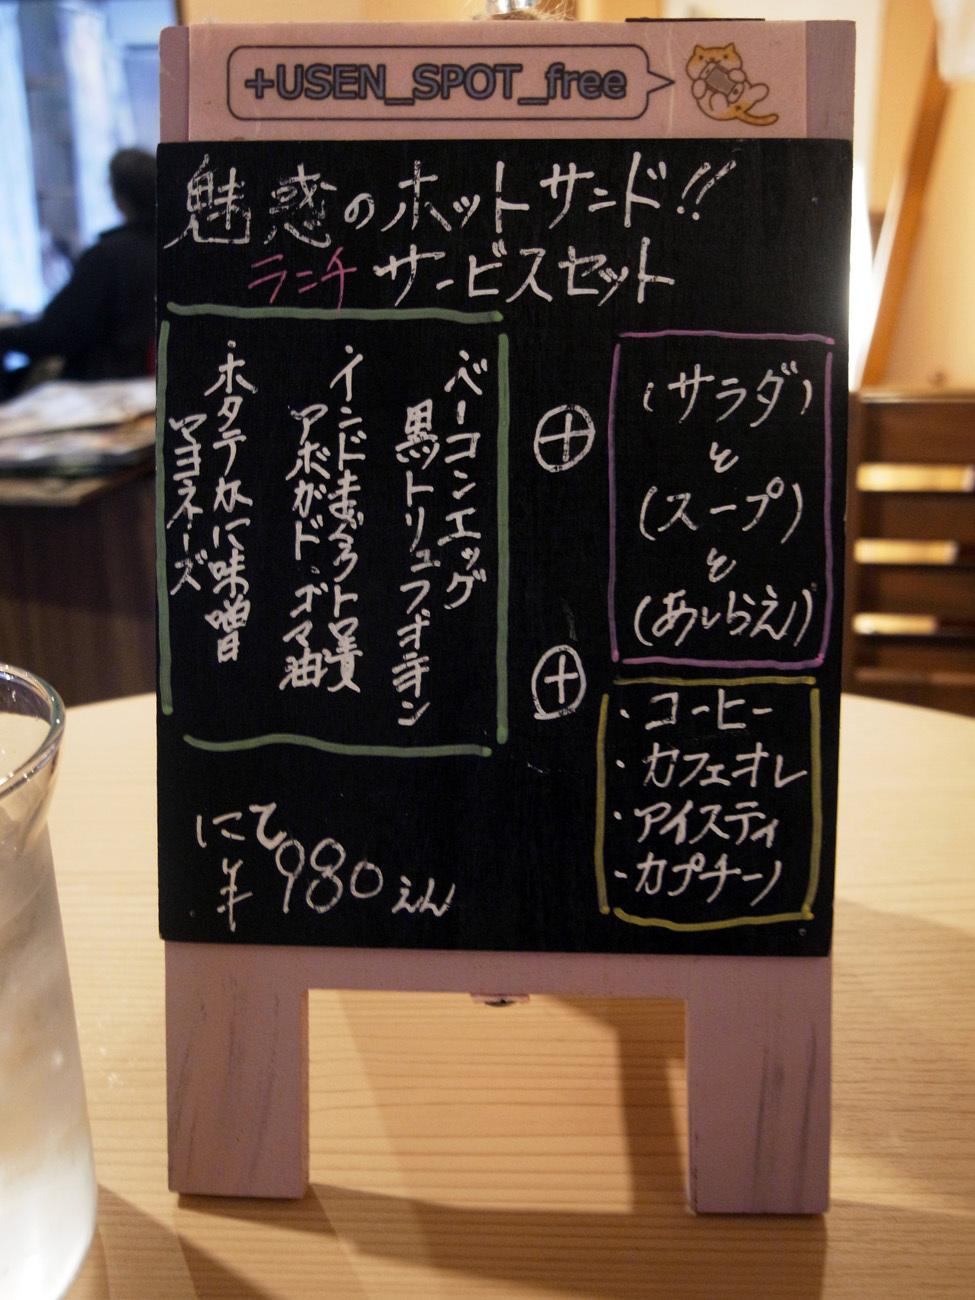 ホタテとかに味噌のホットサンドが美味しすぎる件〔かふぇ酒場 ときどき猫LA/カフェ・酒場〕_f0195971_10503155.jpg